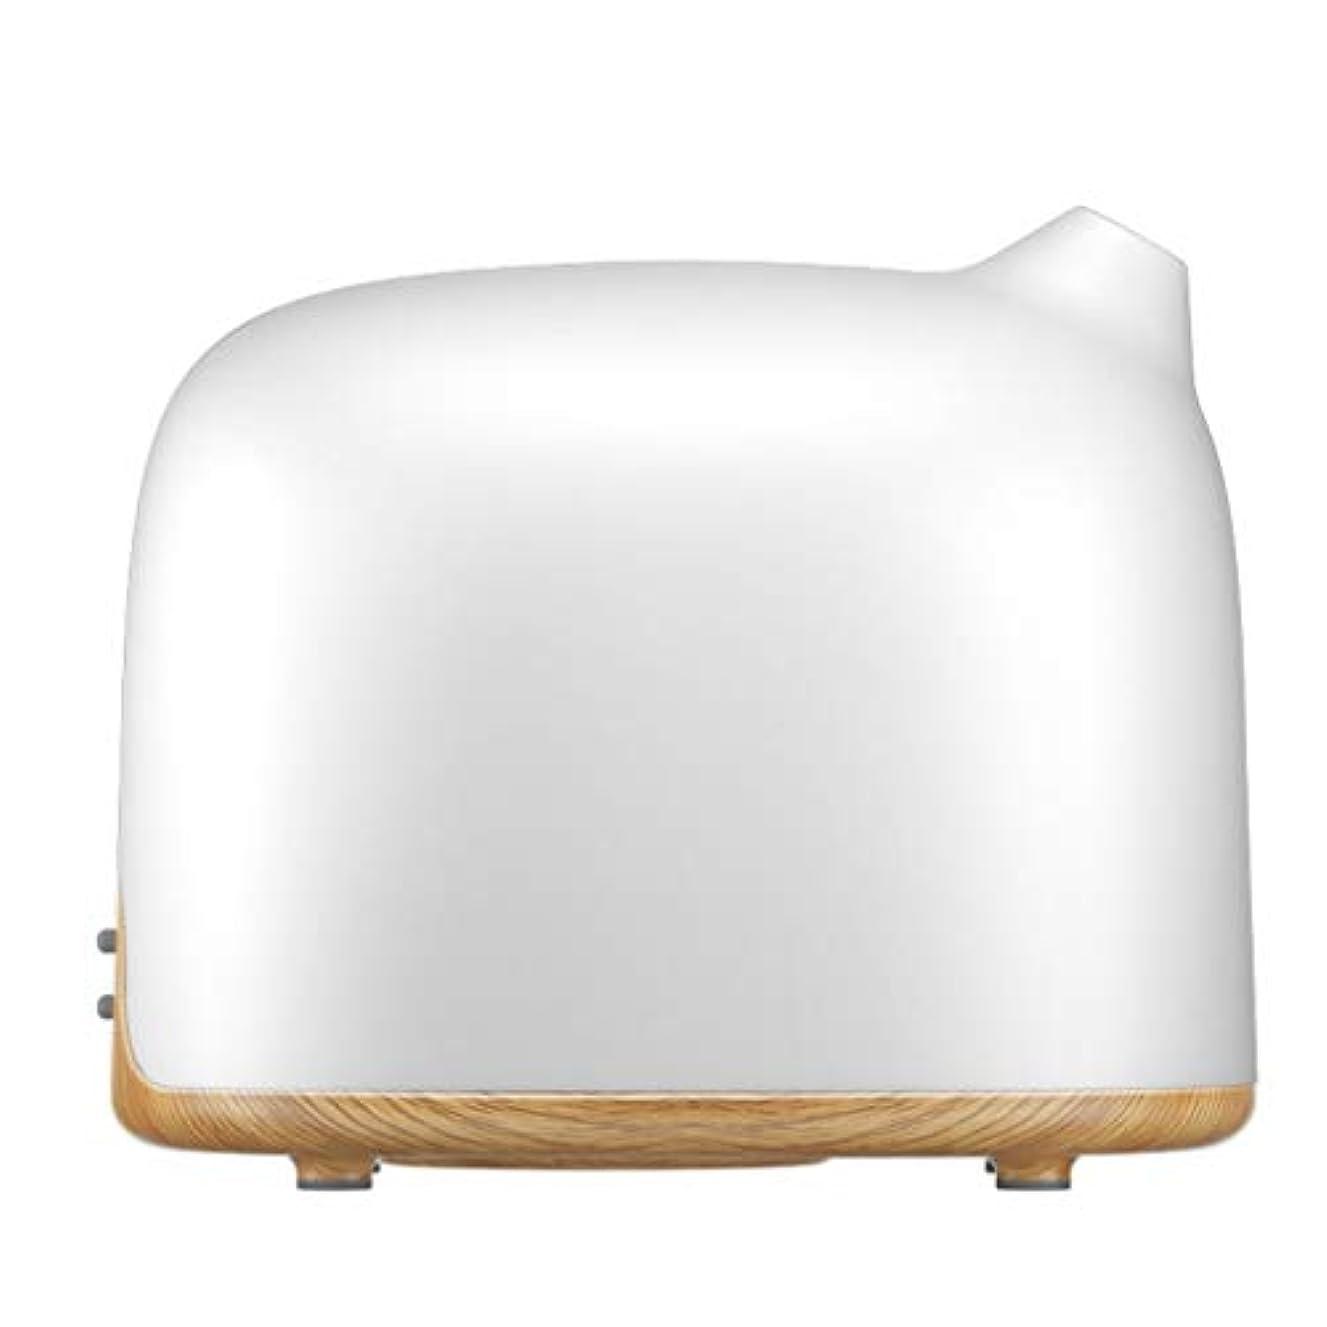 戻る曇った先祖空気加湿器ホームサイレント寝室妊娠中の女性ベビーエアフォグ大容量ディフューザー (Color : Natural)